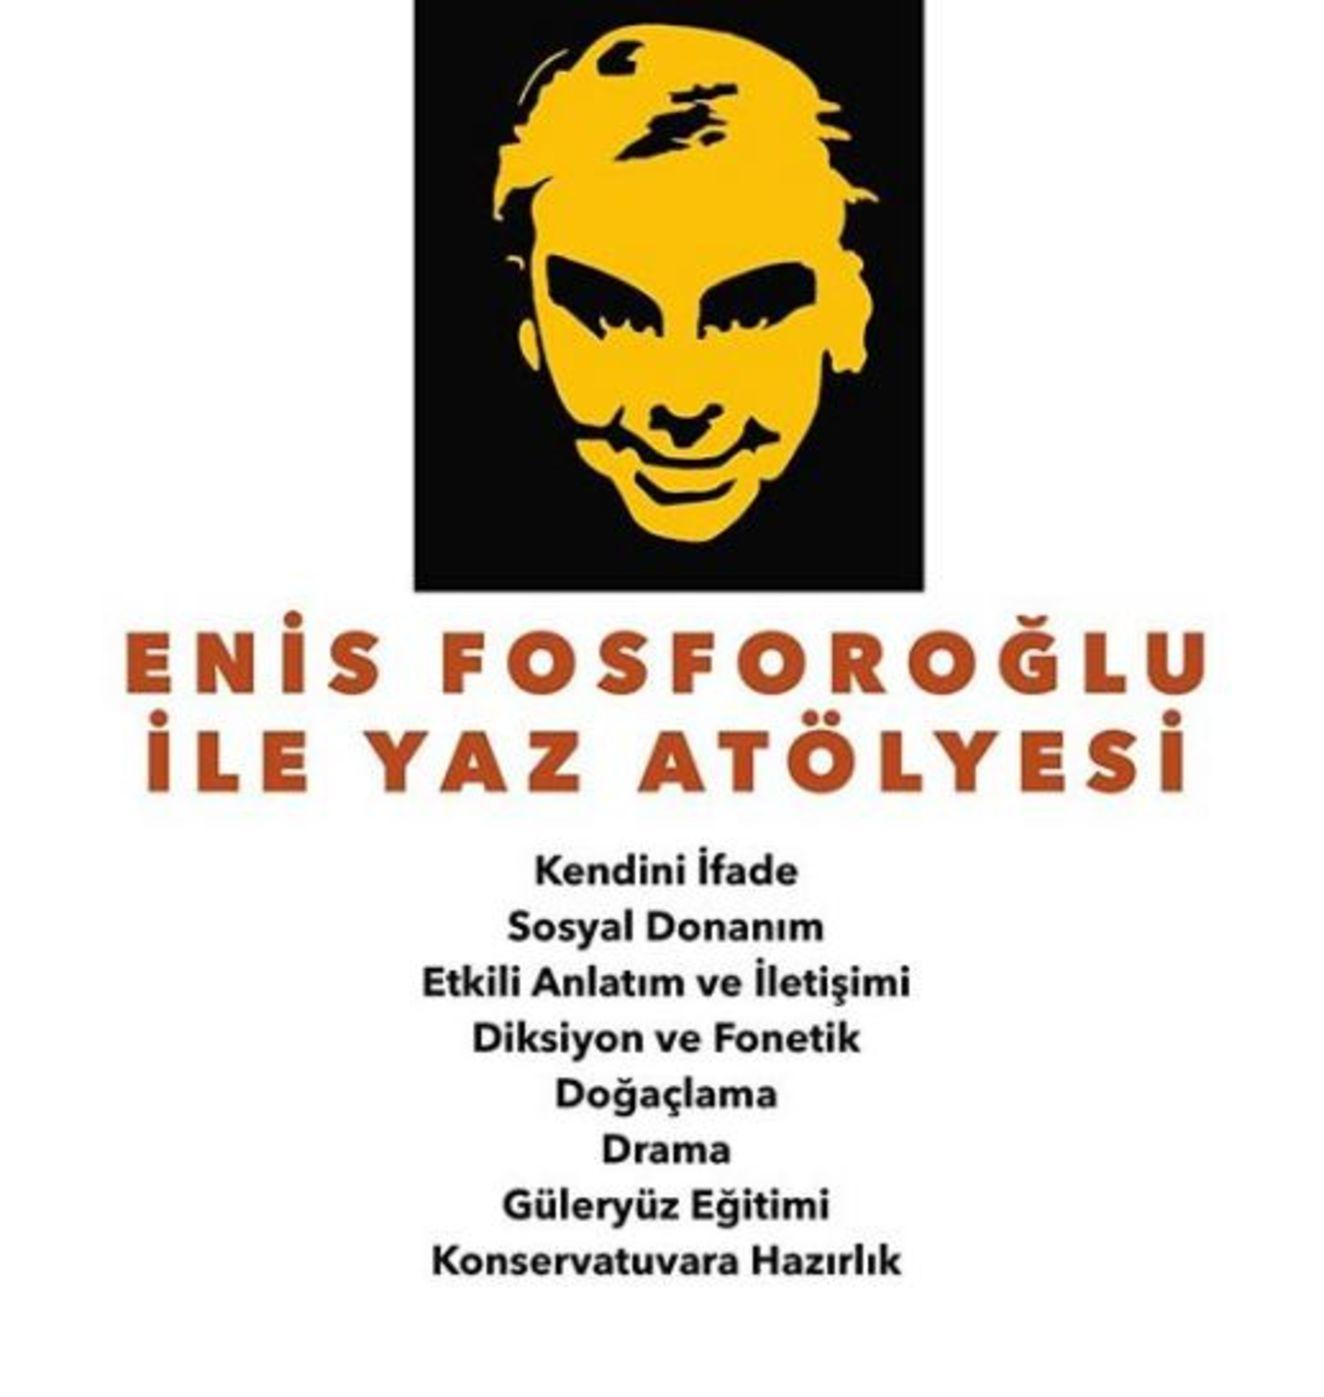 Enis Fosforoğlu, oyuncu adaylarına kendilerinde olması gereken tüm yetiler için dersler verdi.